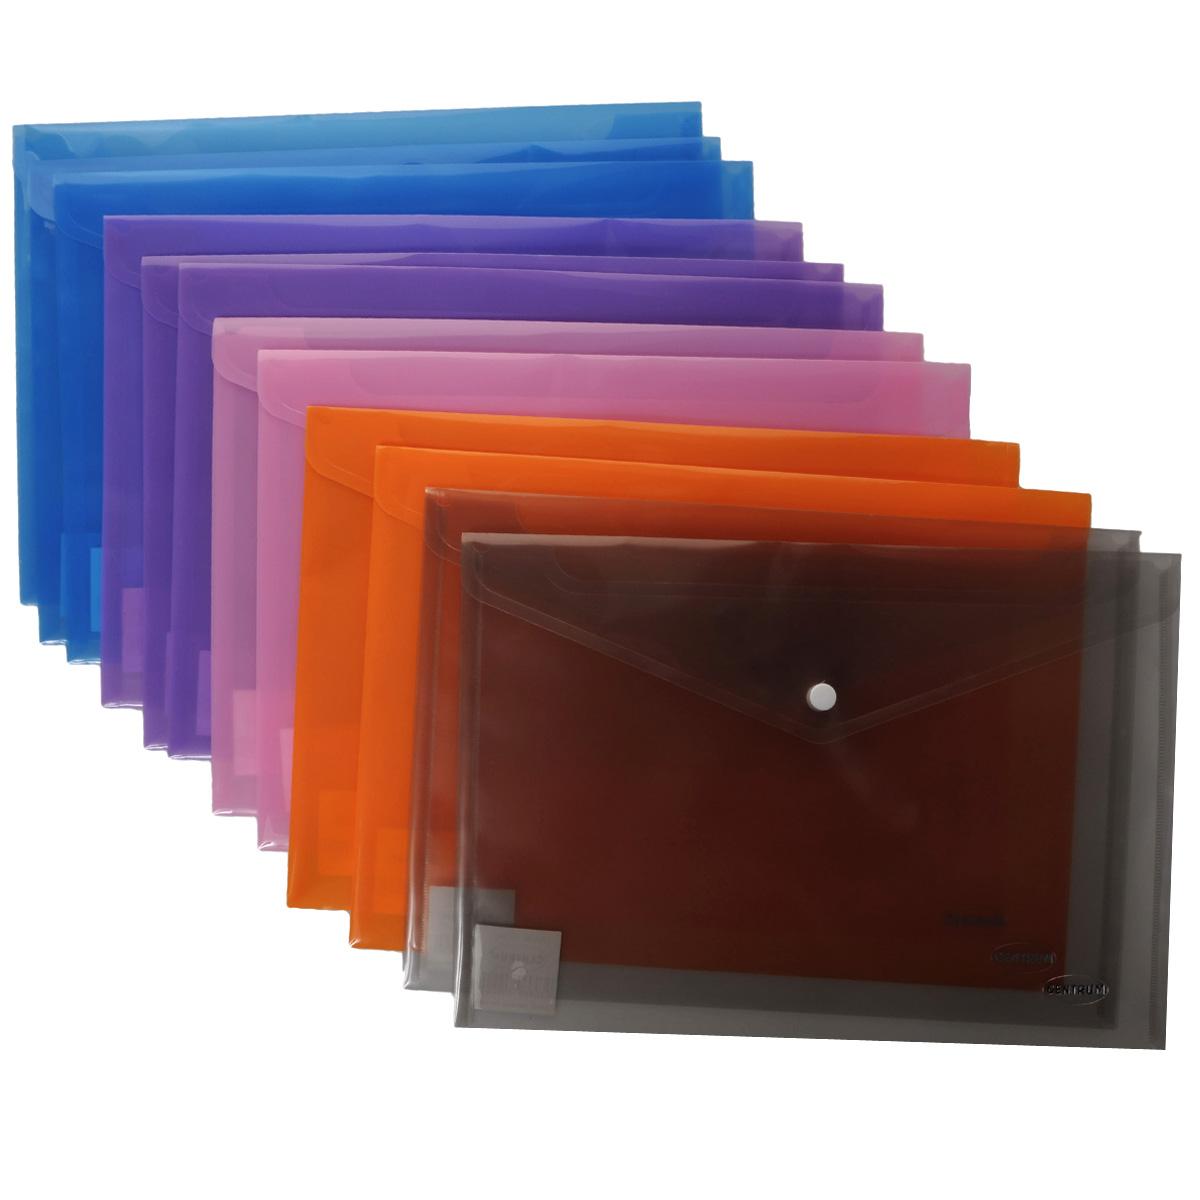 Папка-конверт на кнопке Centrum, цвет: синий. Формат А4, 12 шт80024Папка-конверт на кнопке Centrum - это удобный и функциональный офисный инструмент, предназначенный для хранения и транспортировки рабочих бумаг и документов формата А4. Папка изготовлена из полупрозрачного пластика, закрывается клапаном на кнопке. В комплект входят 12 папок разных цветов формата A4. Папка-конверт - это незаменимый атрибут для студента, школьника, офисного работника. Такая папка надежно сохранит ваши документы и сбережет их от повреждений, пыли и влаги.